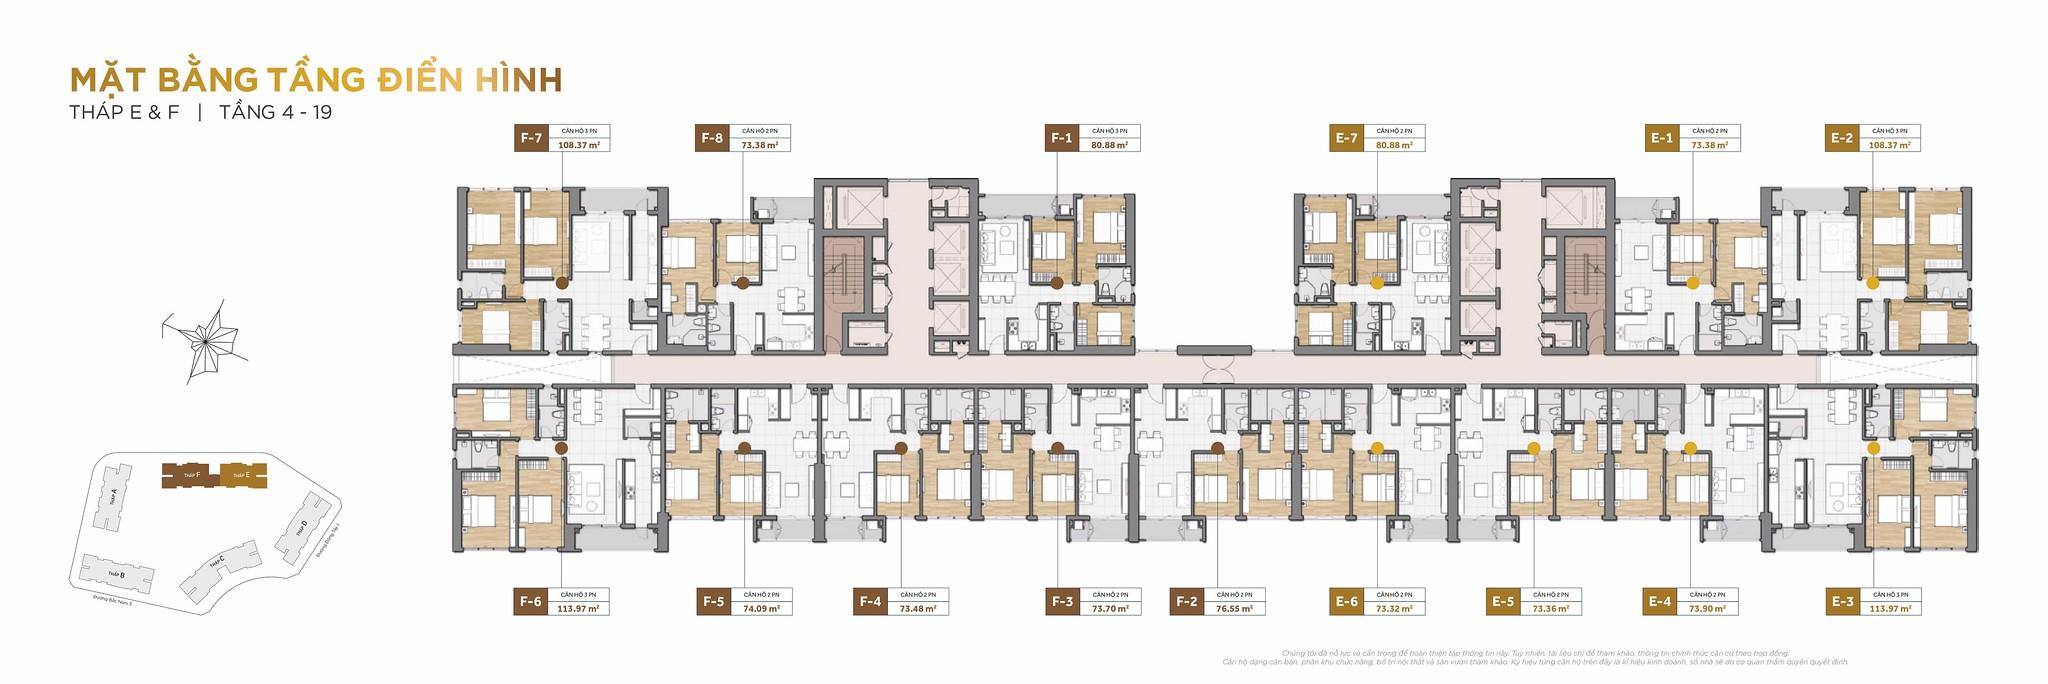 Thiết kế mặt bằng tầng điển hình căn hộ.